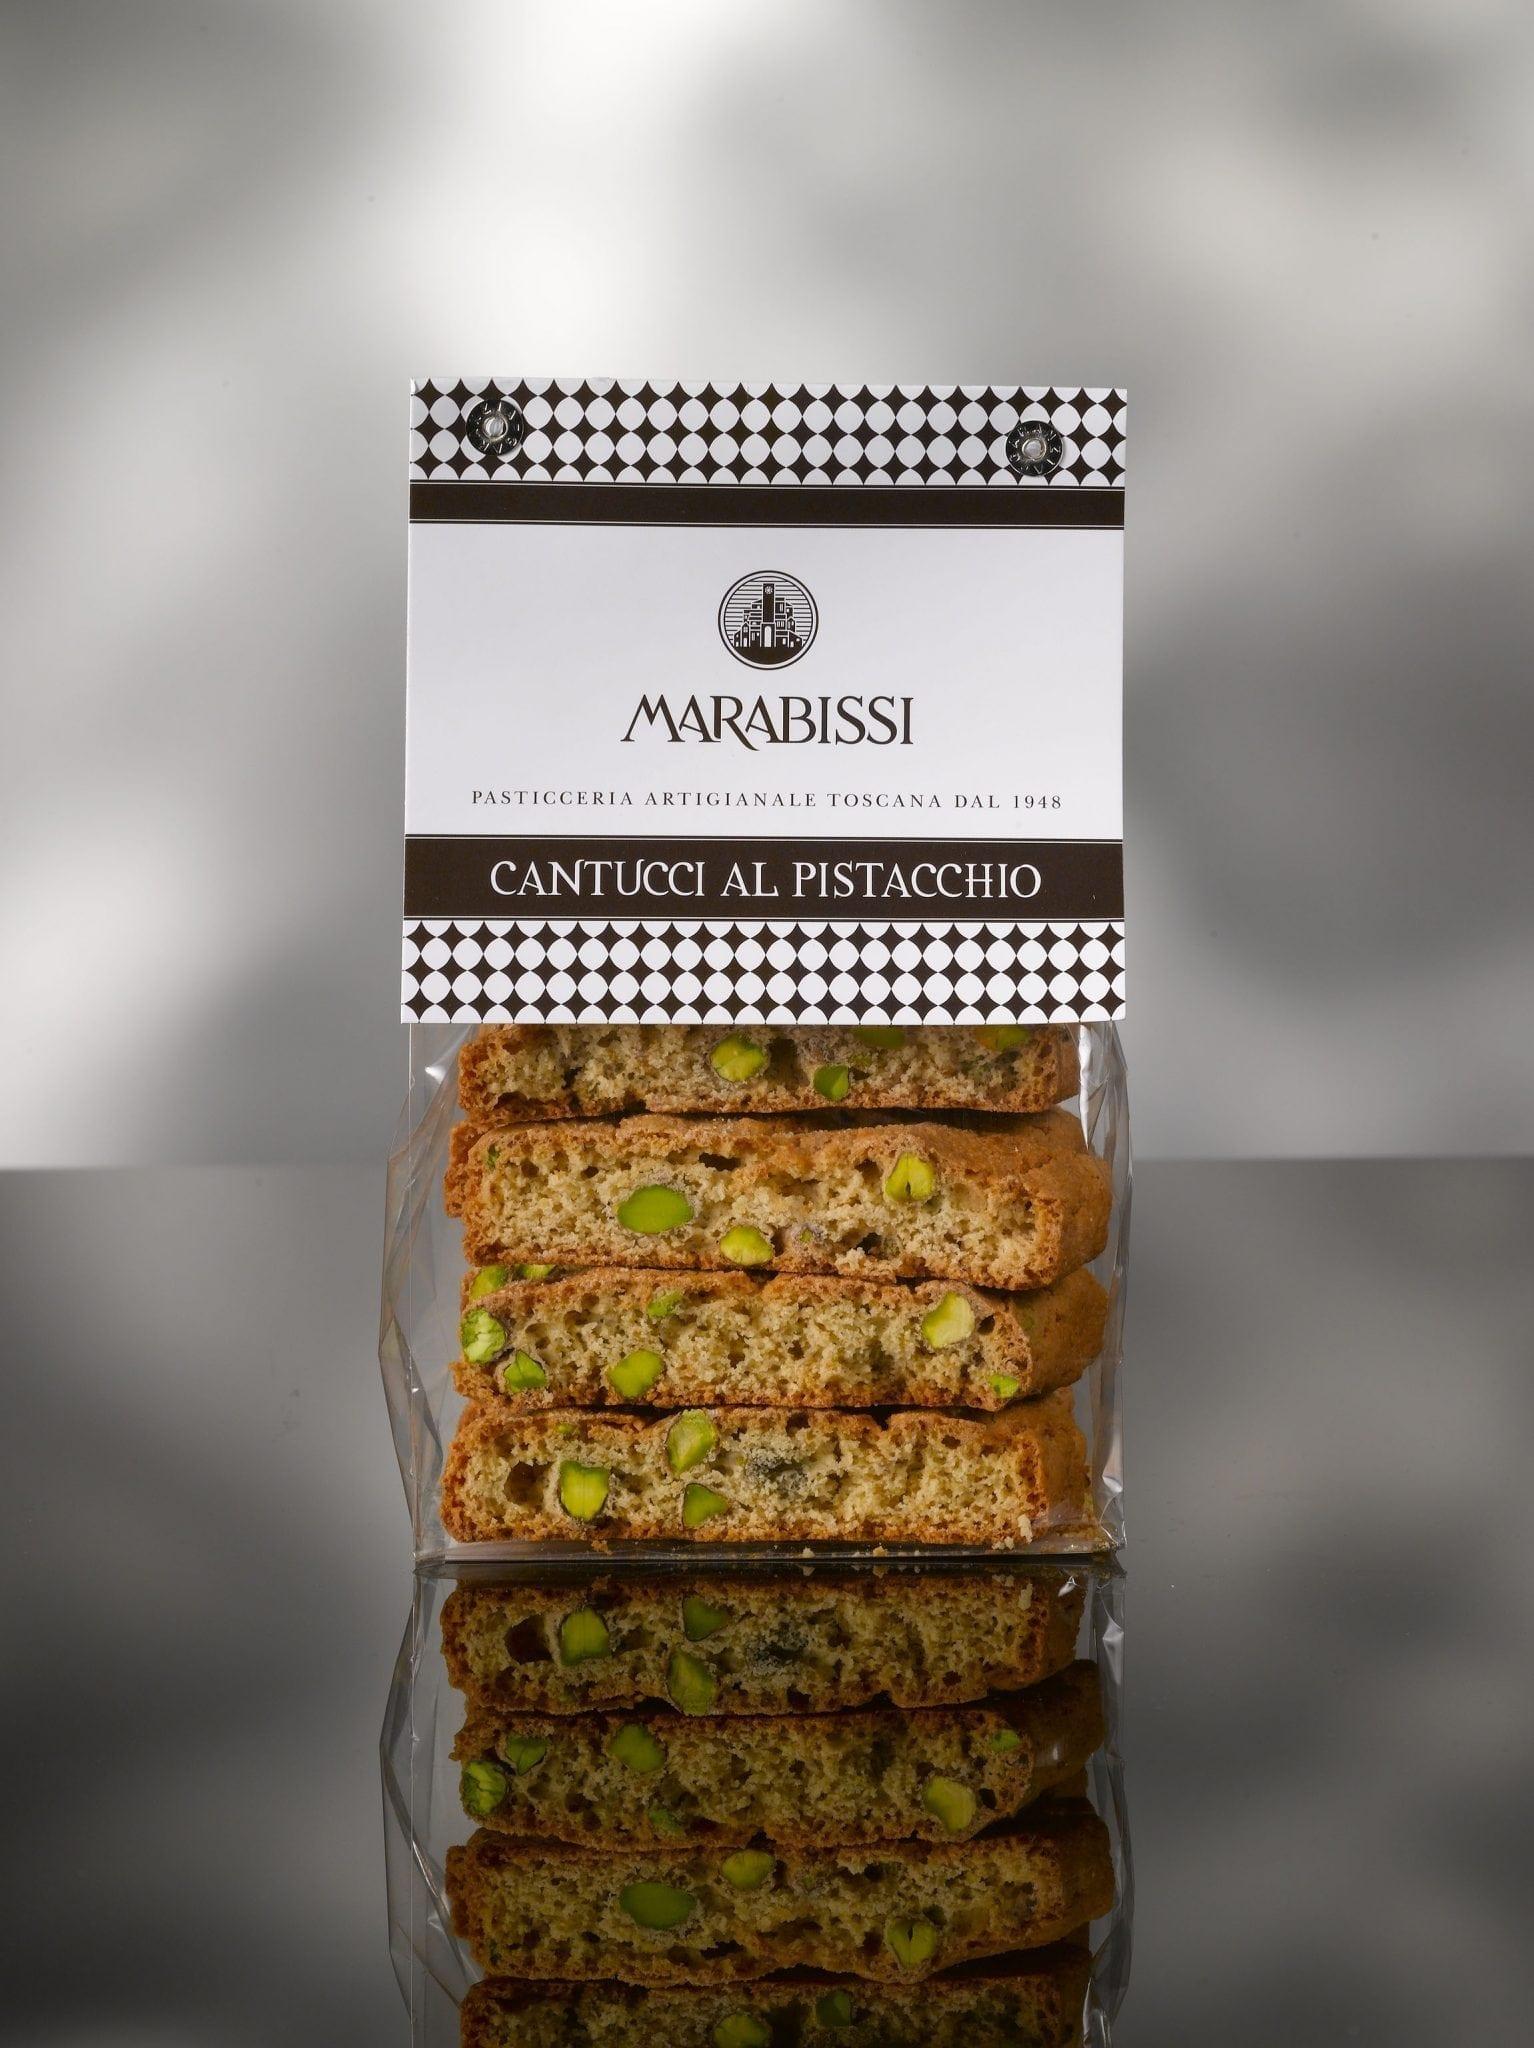 Marabissi, Cantucci pistache 200 gr